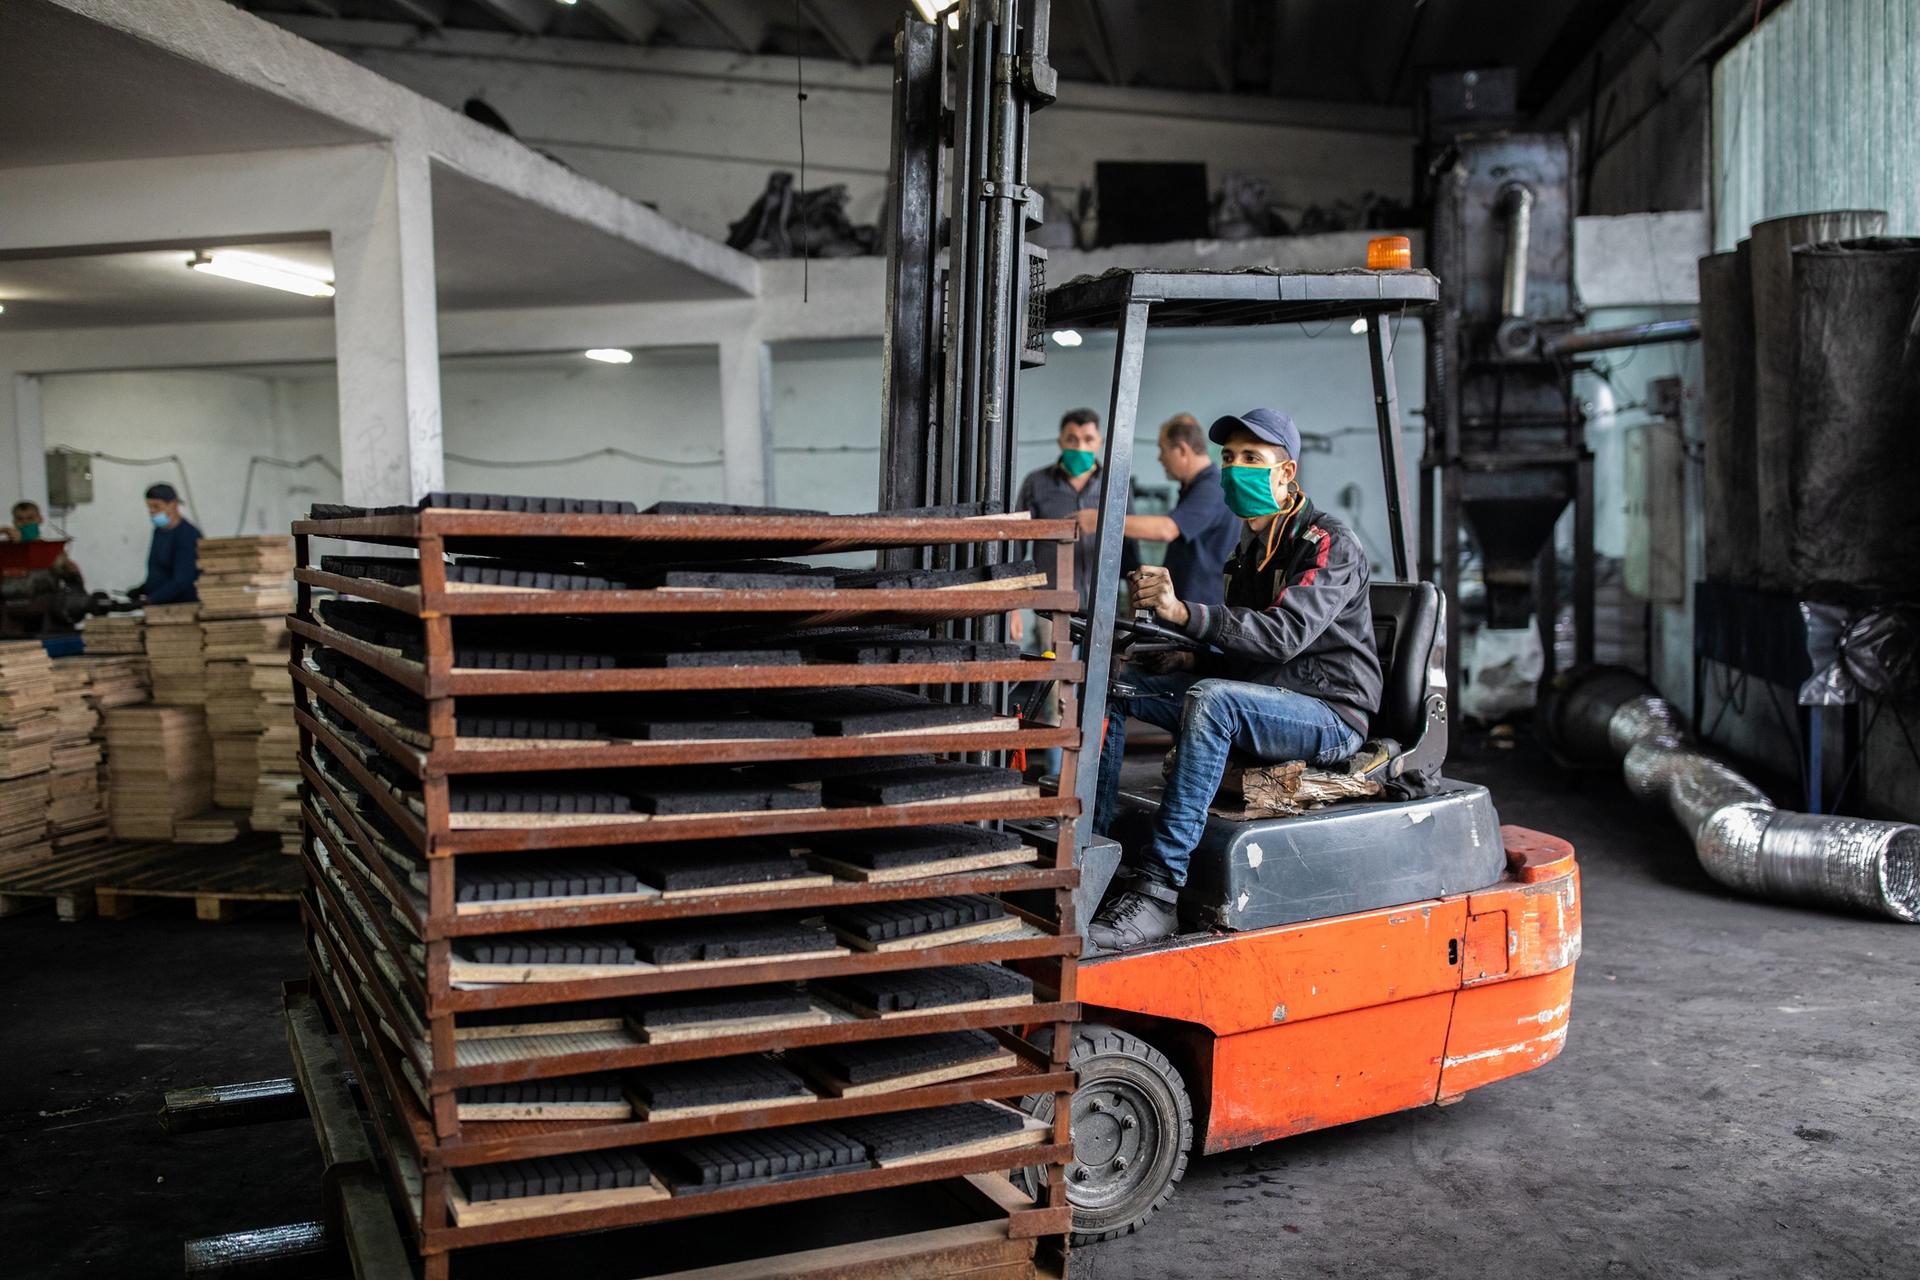 各國遠距工作、國際貿易的程度,都可能影響疫情傳播與經濟衝擊。臺灣由於製造業占比多,在遠距工作的可行性排行上算是中等國家。 圖│iStock